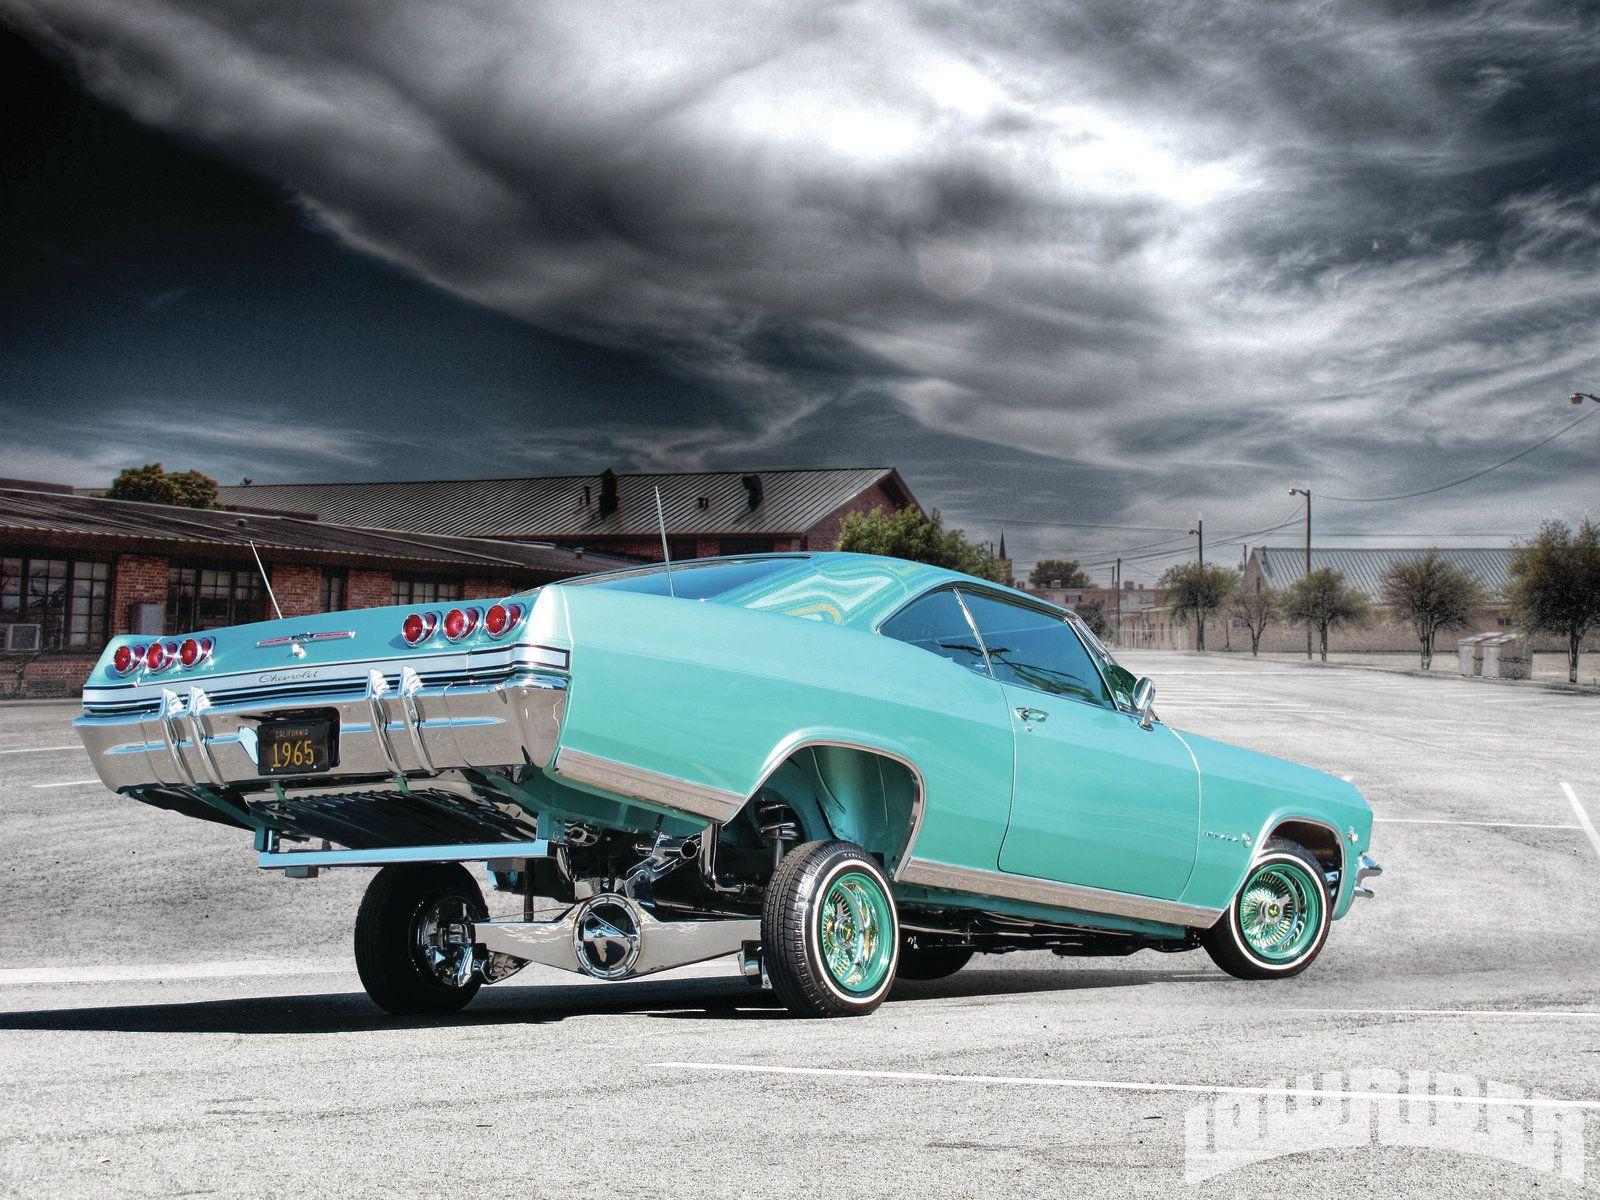 1965 Chevrolet Impala Poison Ivy Lowrider Magazine